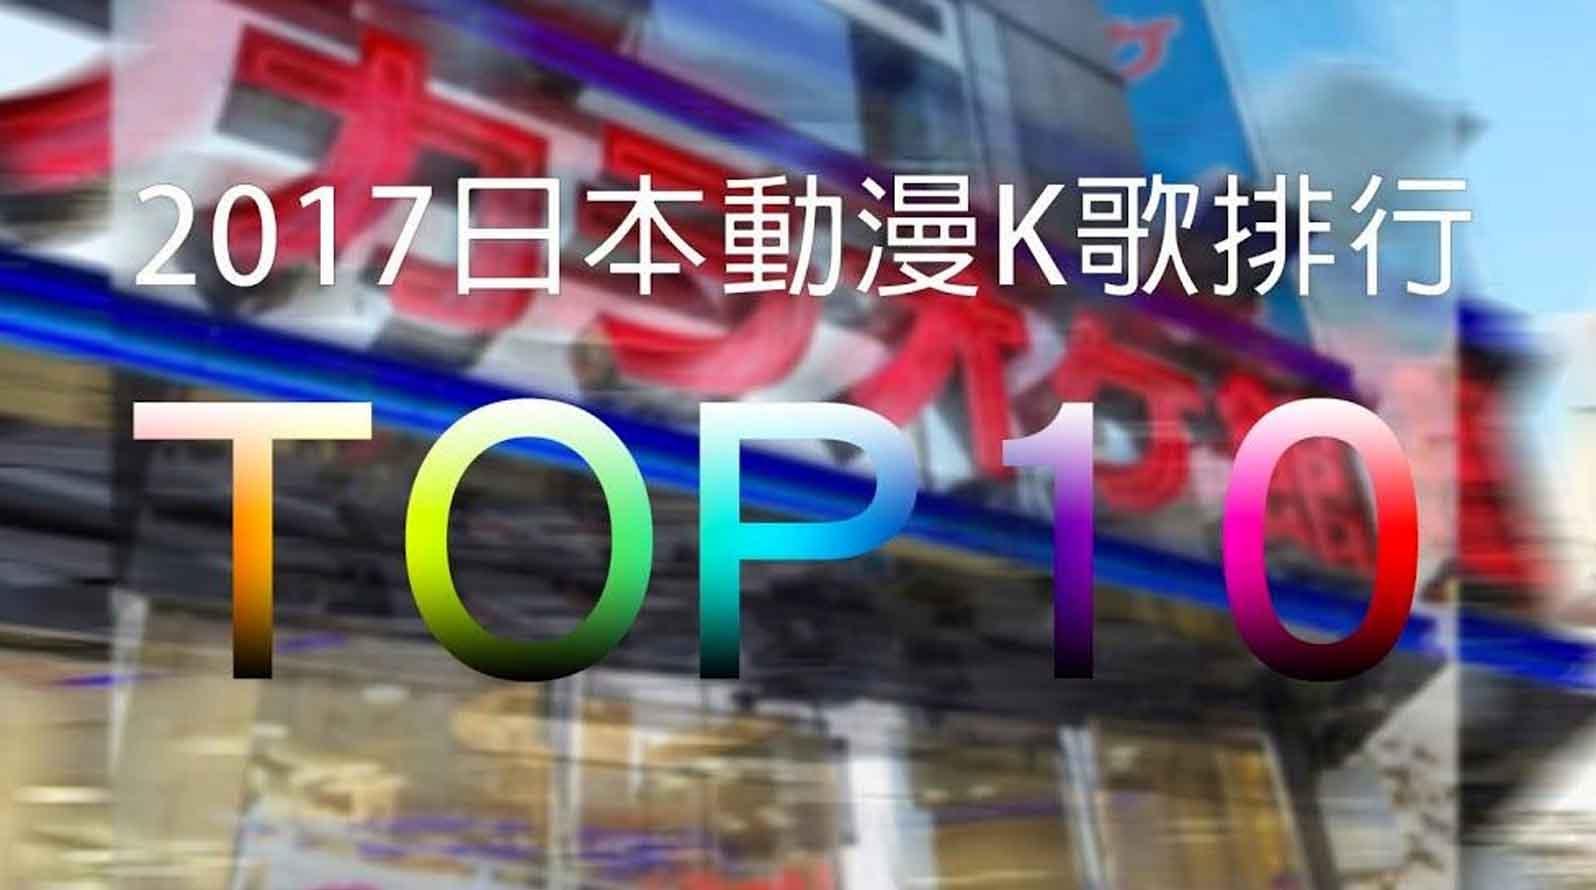 動漫迷必見!2017年日本動畫K歌人氣排行TOP10